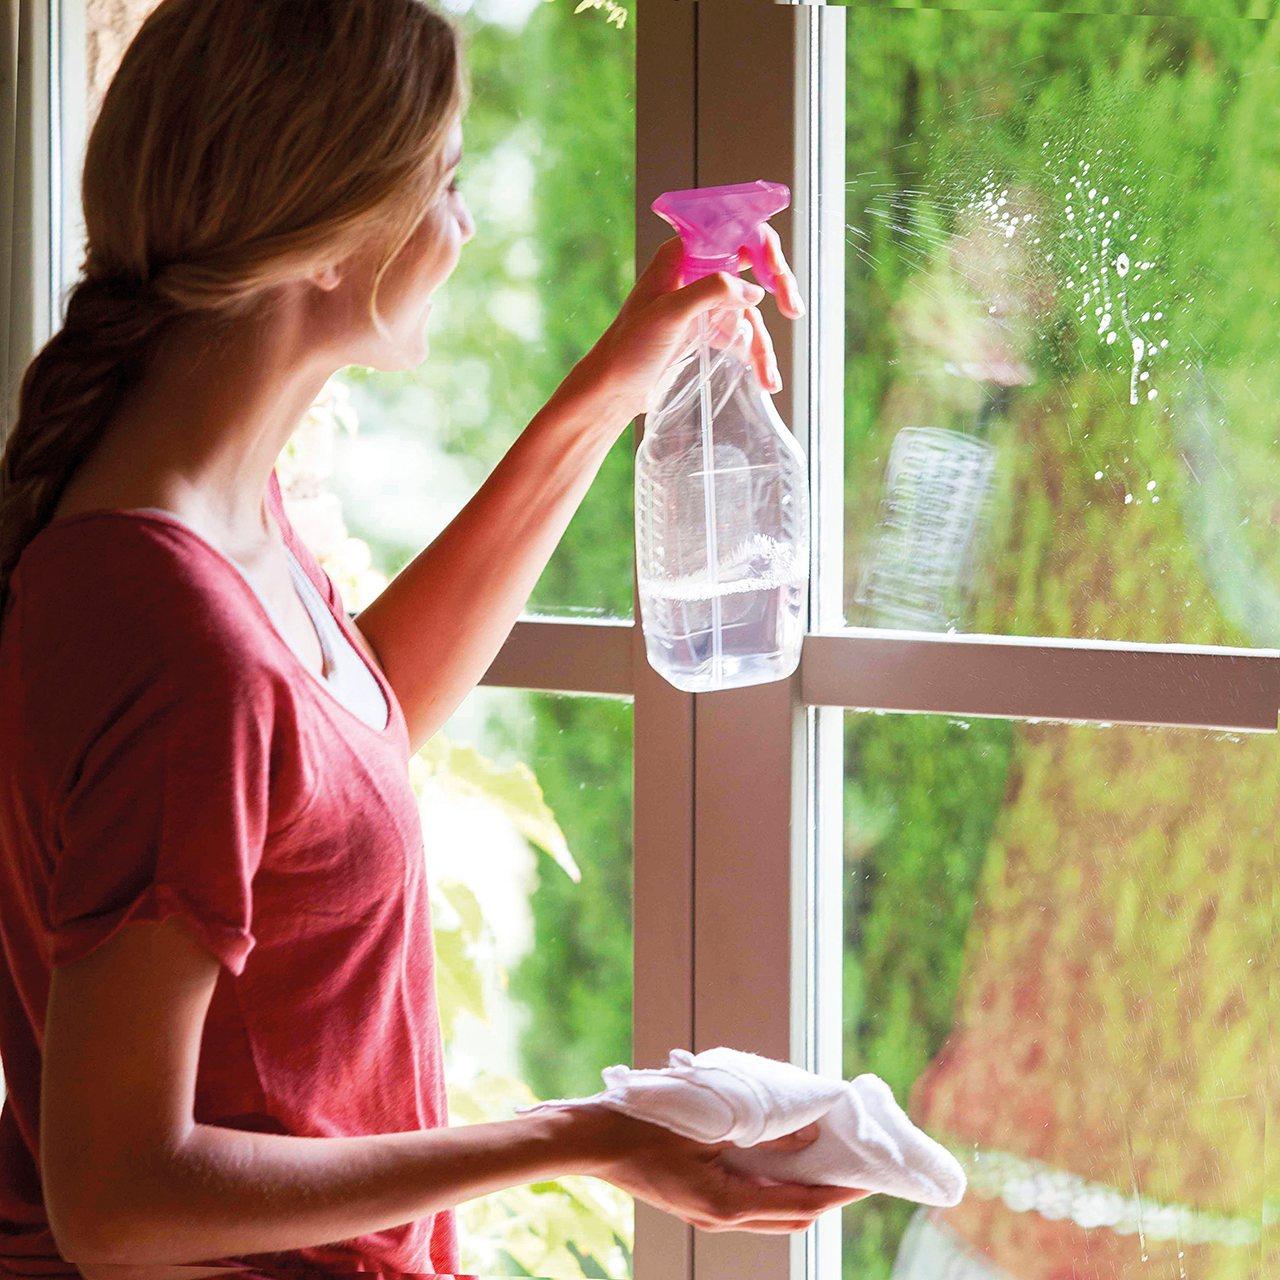 Consejos para que limpiar tus ventanas no sea un trabajo complicado aldea urbana blog 2 0 - Como limpiar los vidrios ...